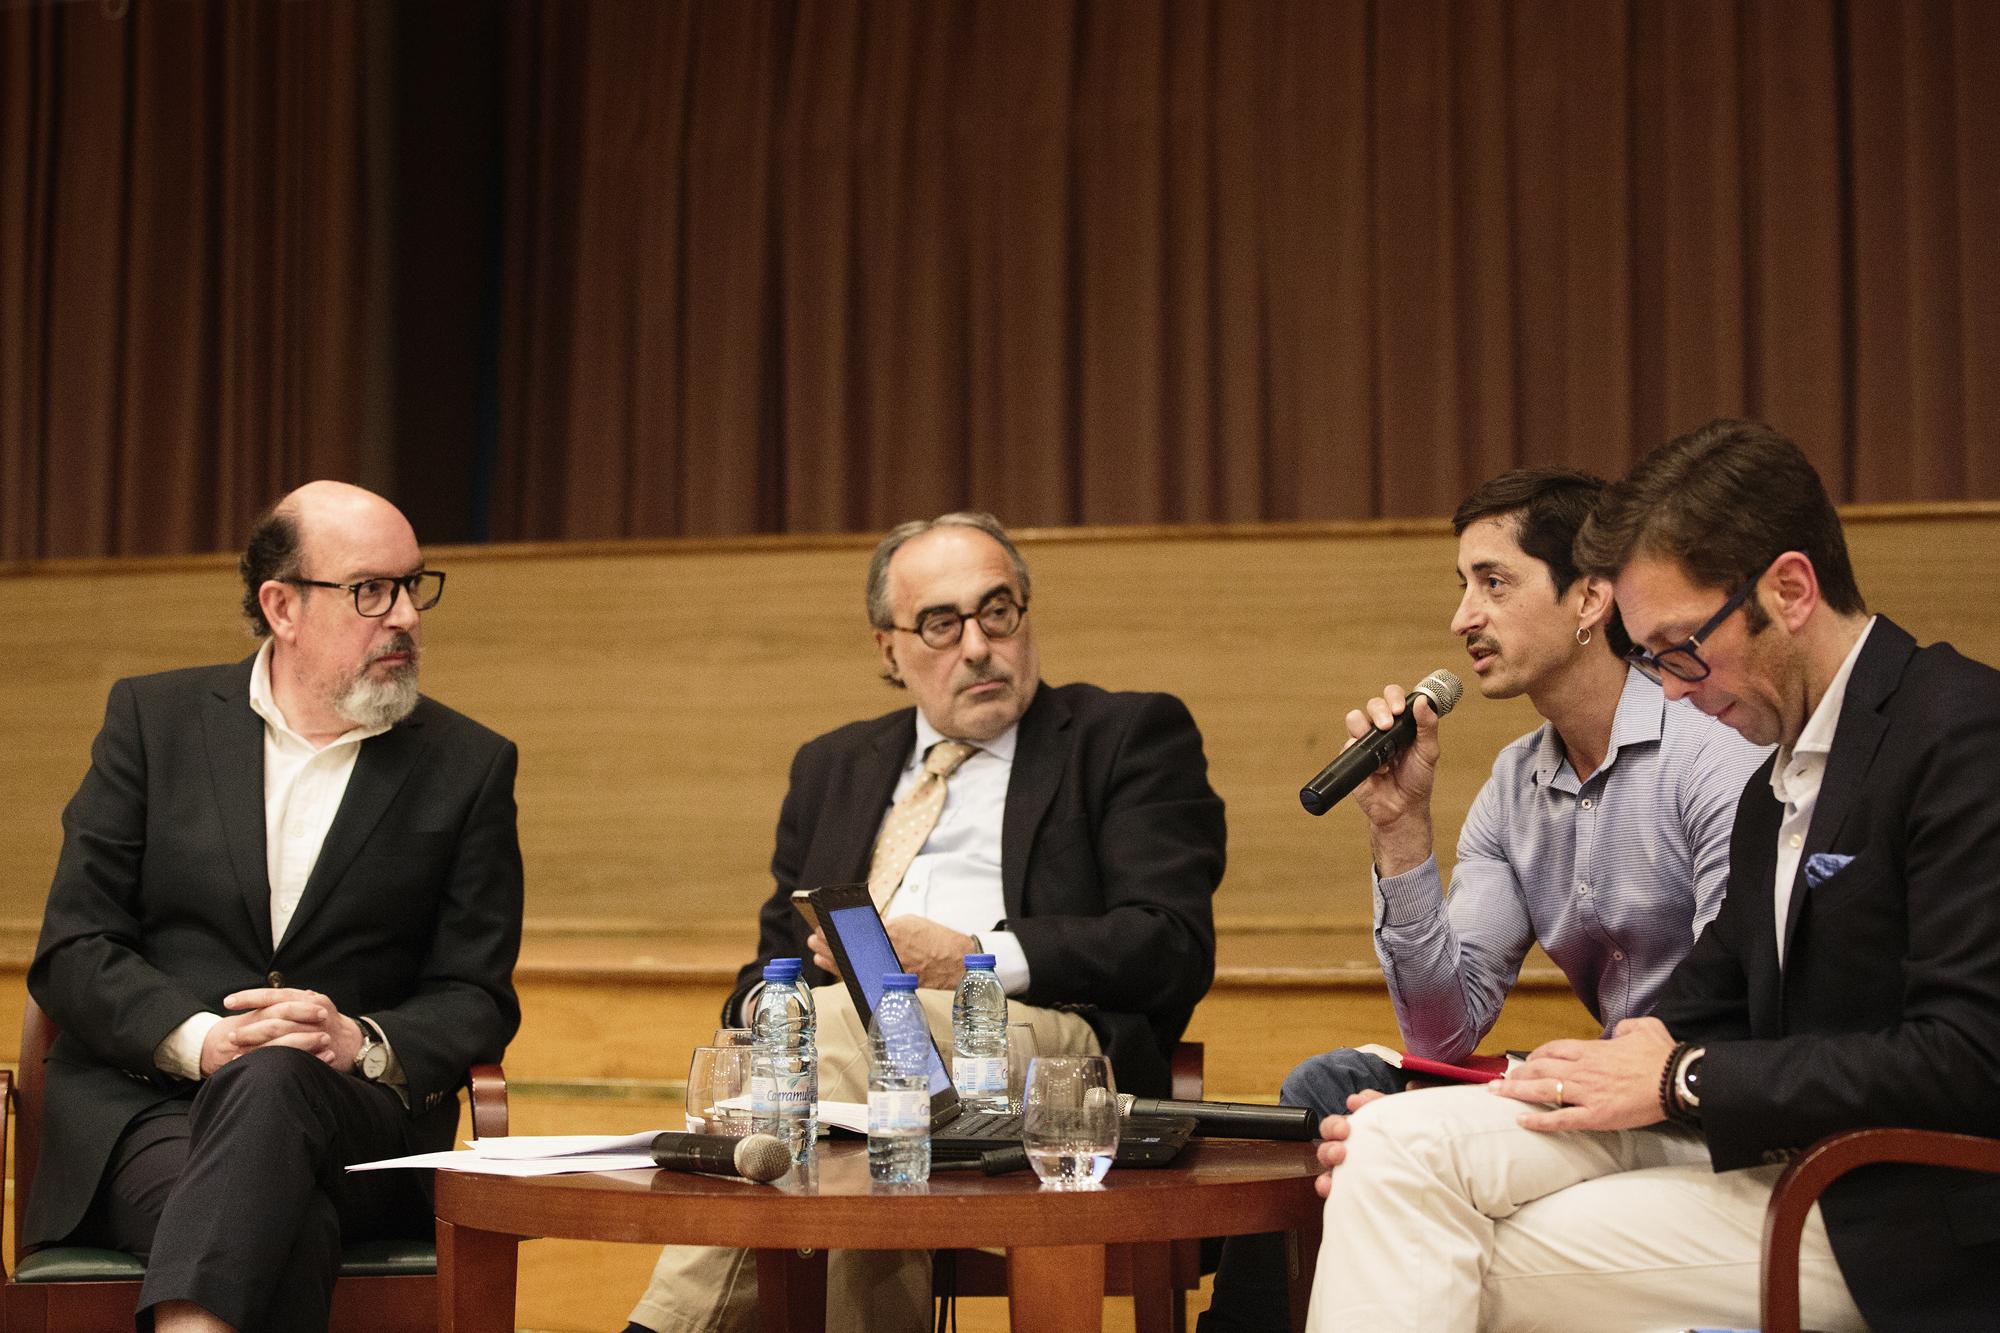 Conferência de apresentação do I Festival Internacional de Circo do Porto.